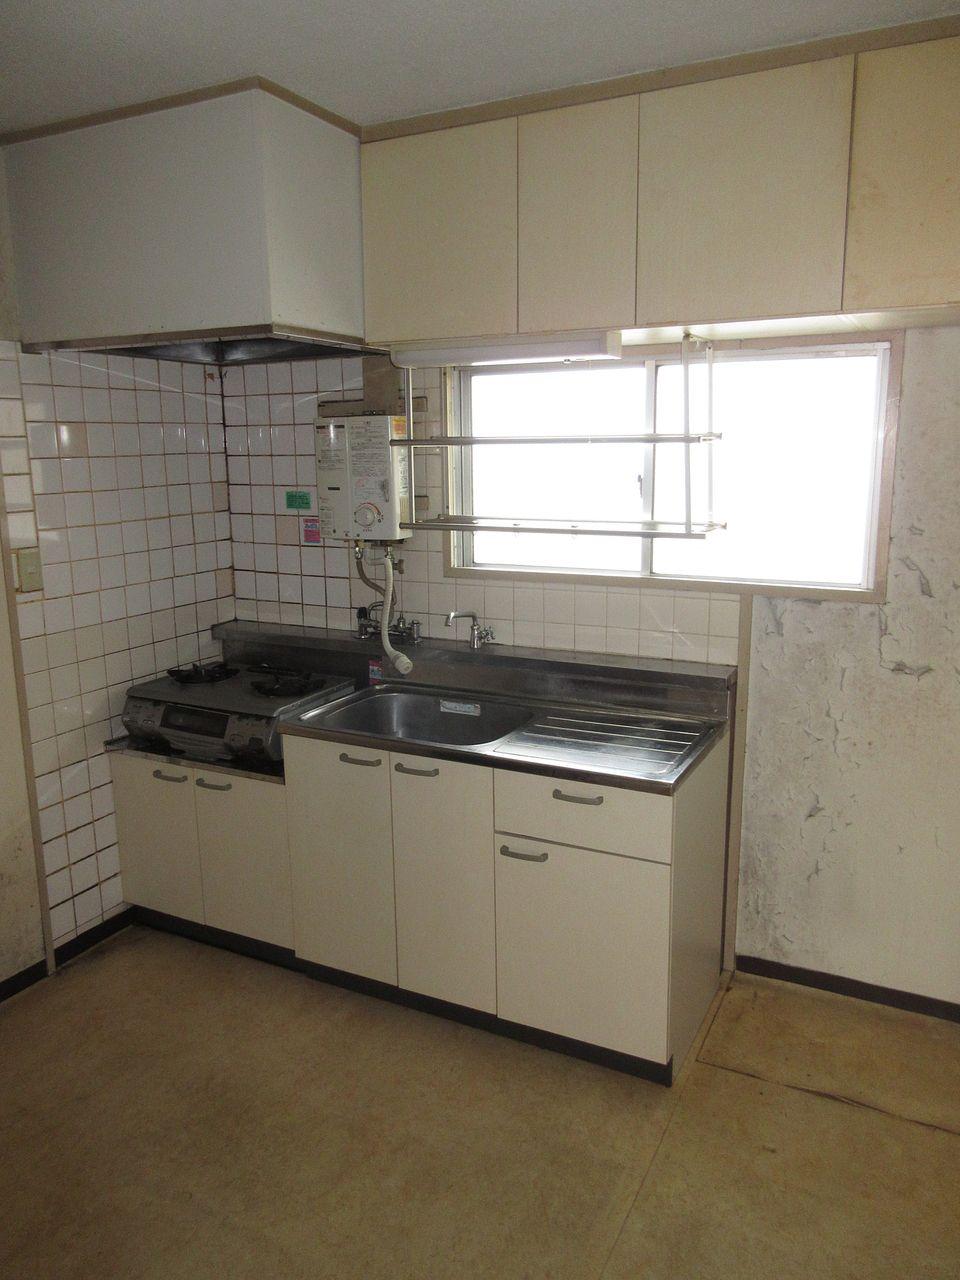 みなさまこんにちは。『DIY賃貸予定部屋の工事レポート~Vol.9~』の続きです。キッチンのタイル面をキレイにしていきます。